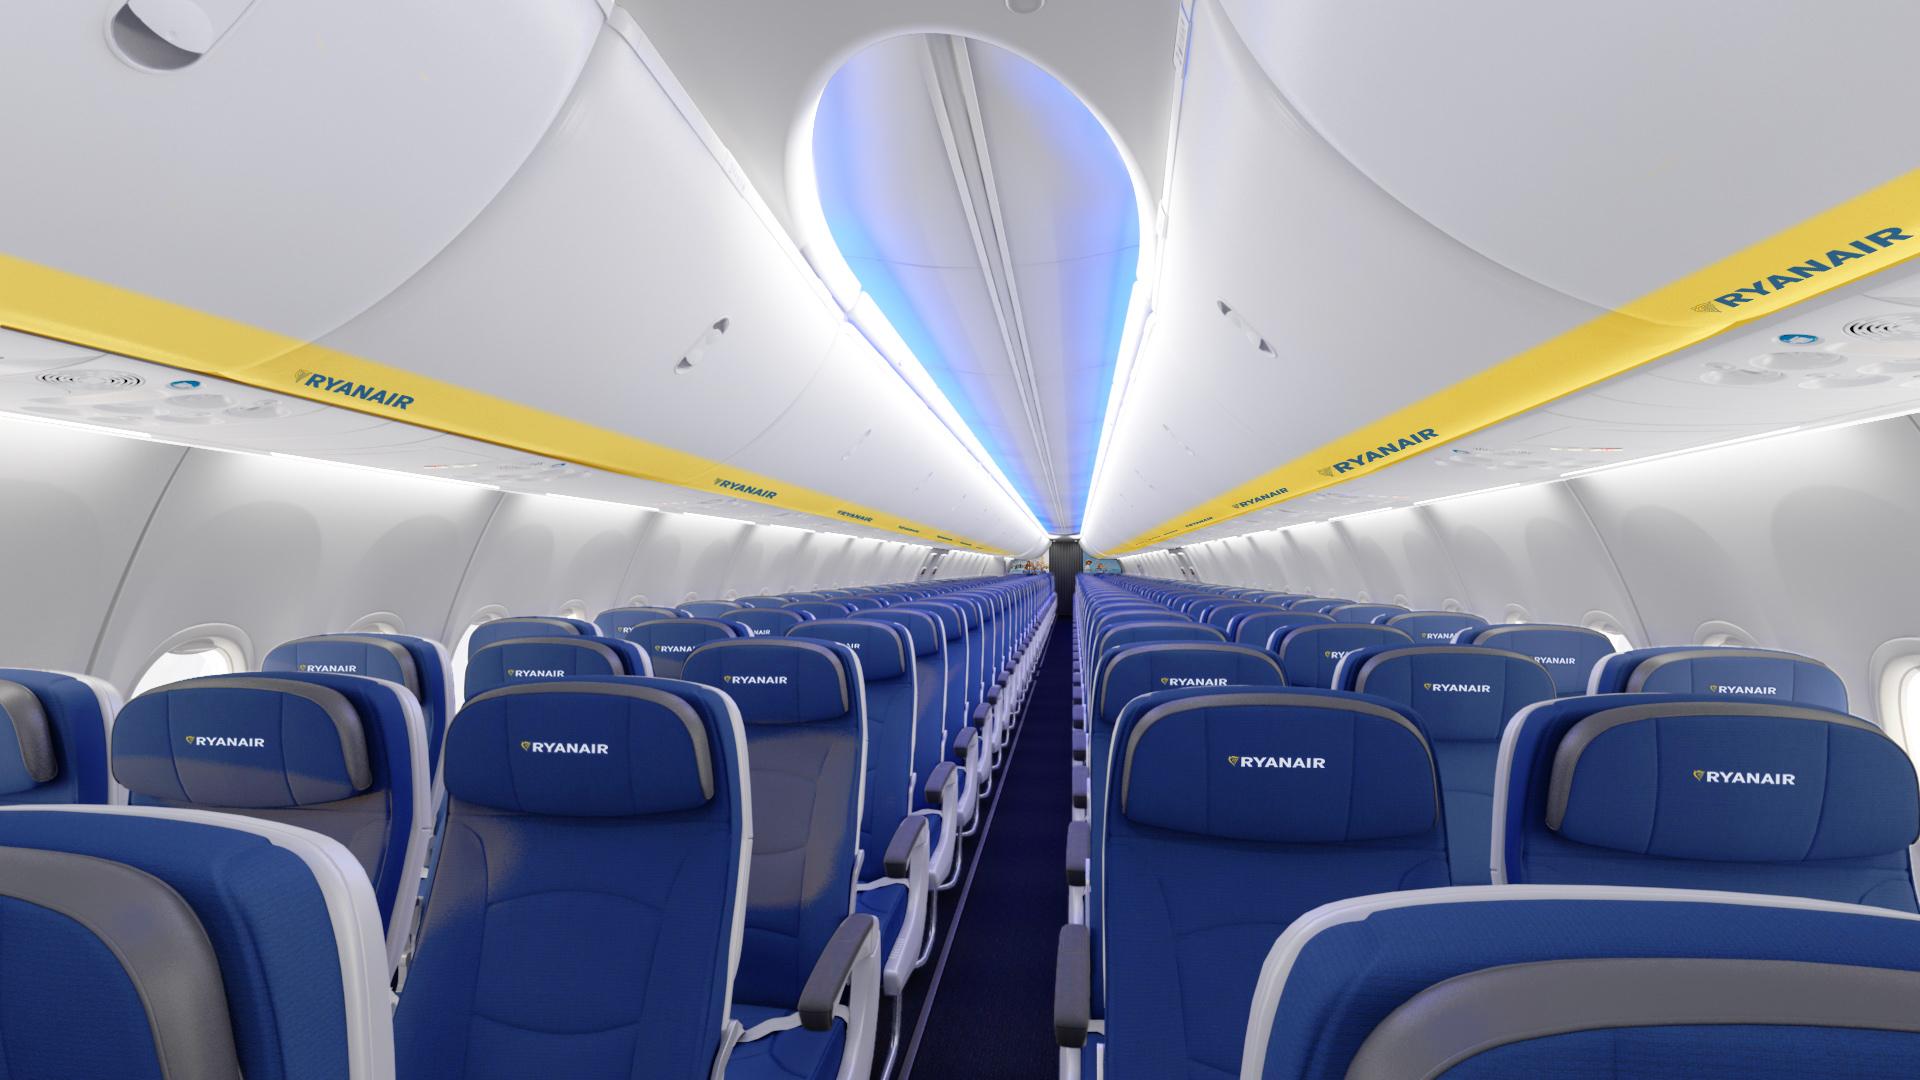 Atnaujintas Ryanair žiemos sezono tvarkaraštis. Naujas interjeras